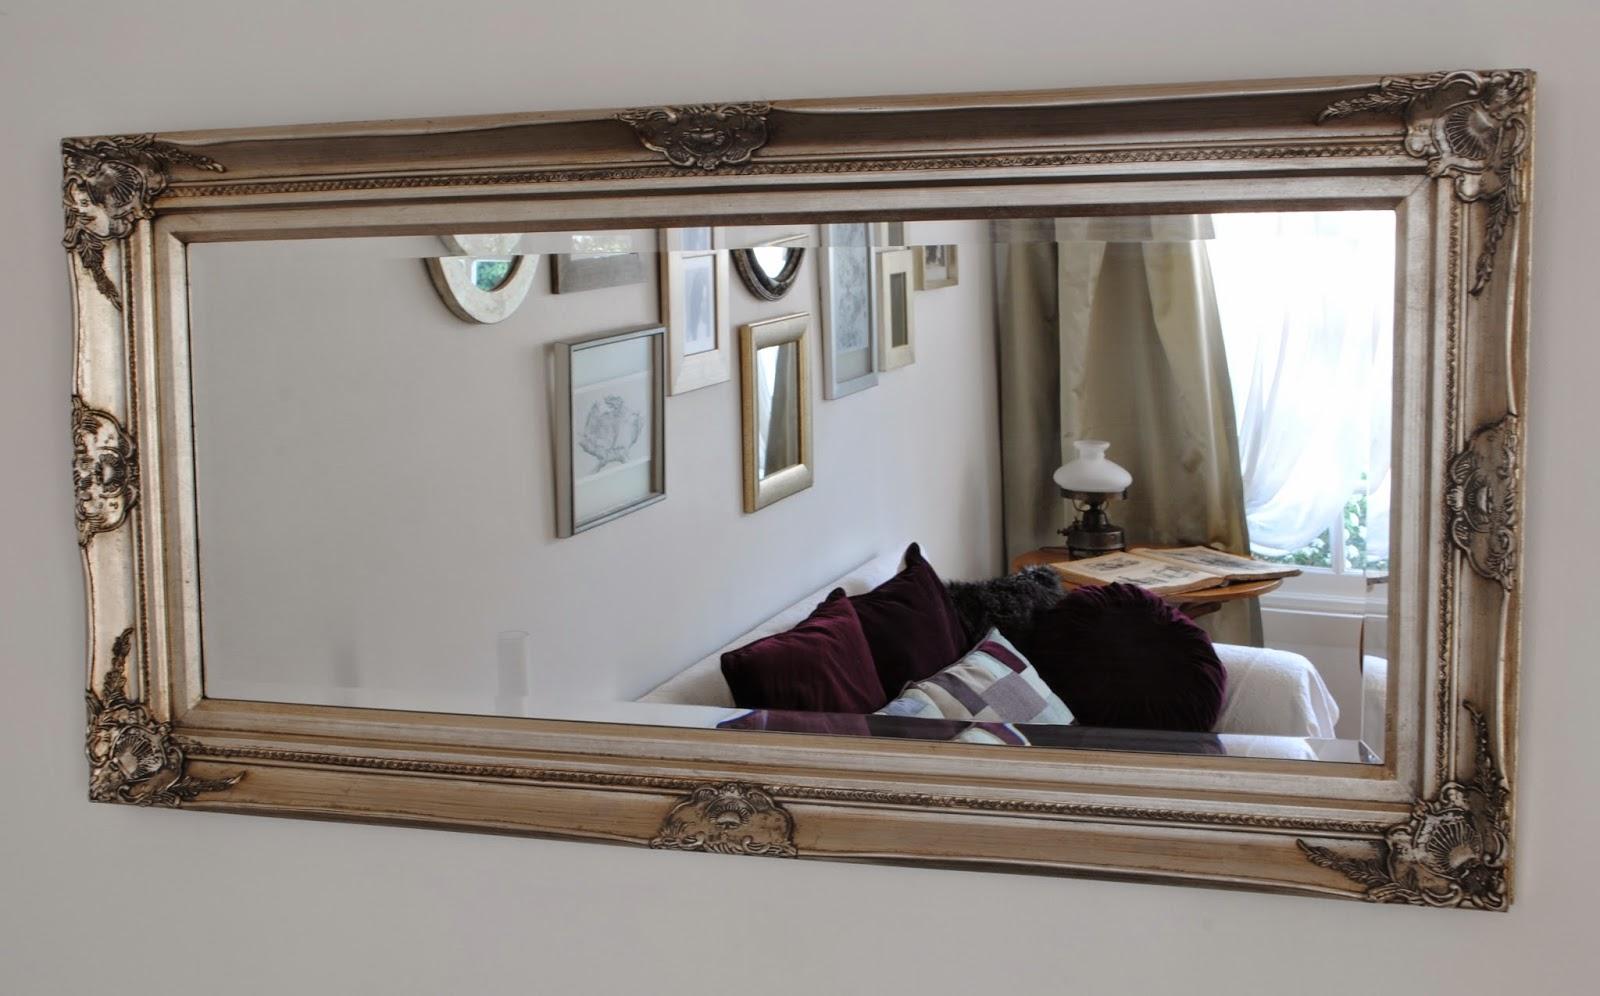 Espejos Largos Latest As Como Los Espejos With Espejos